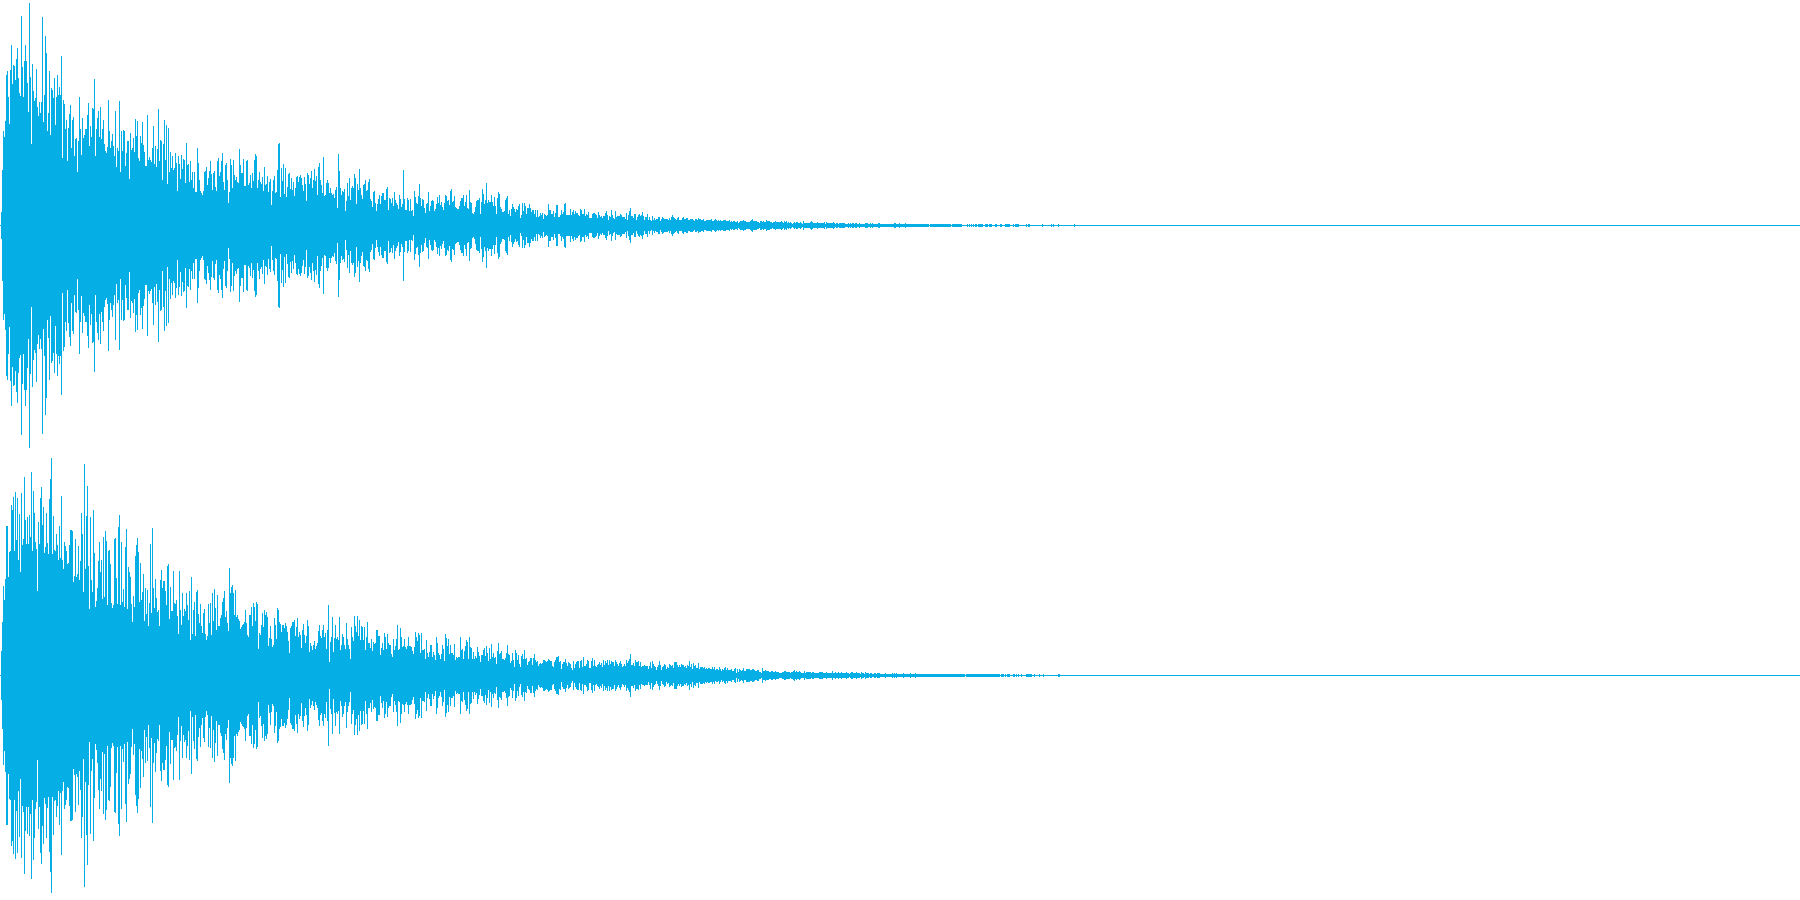 【サイバー】SFX_06 衝撃音の再生済みの波形